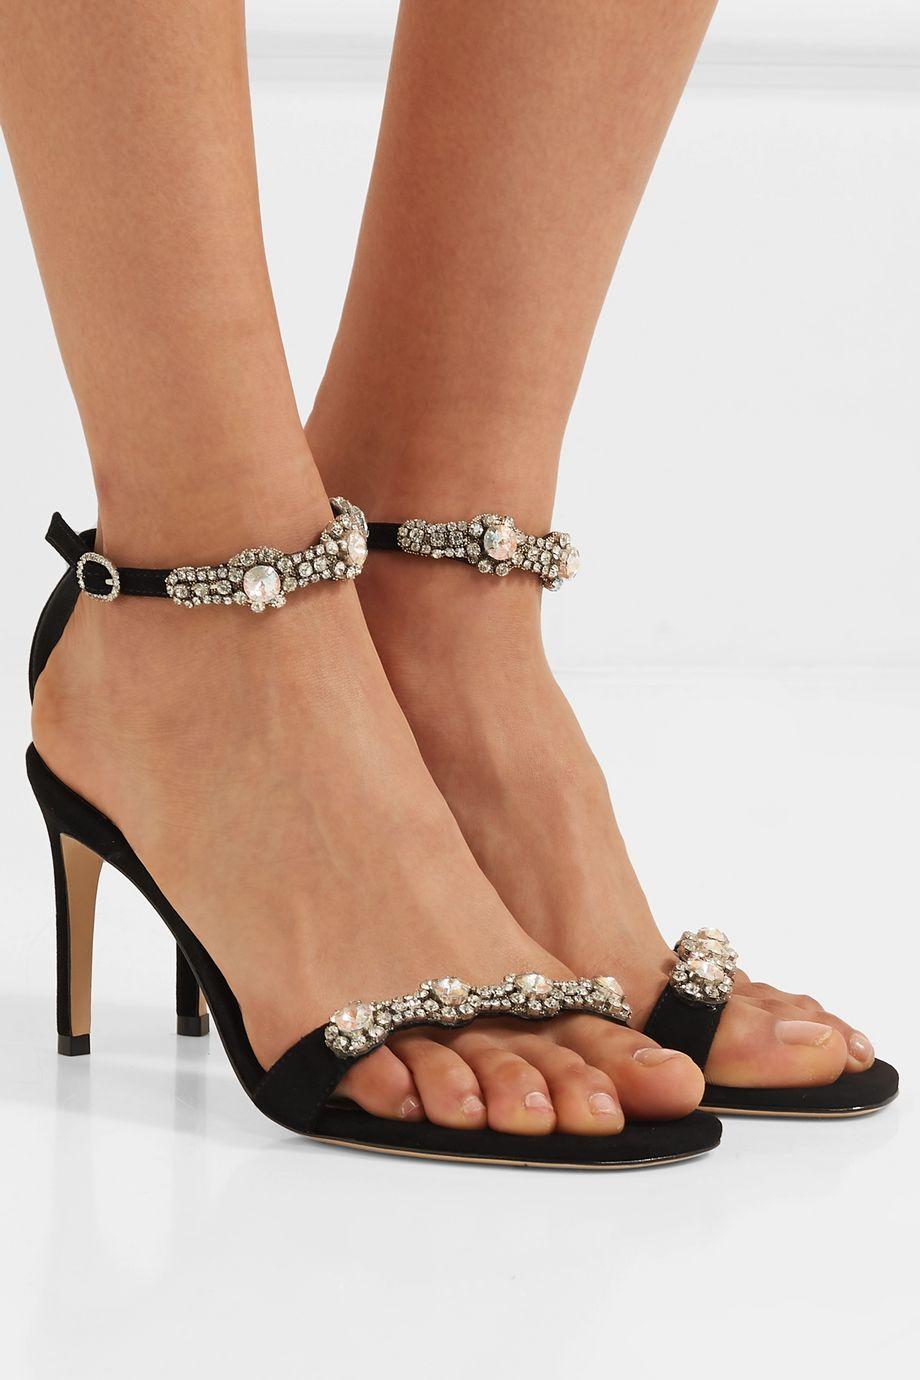 Sophia Webster Aaliyah crystal-embellished suede sandals